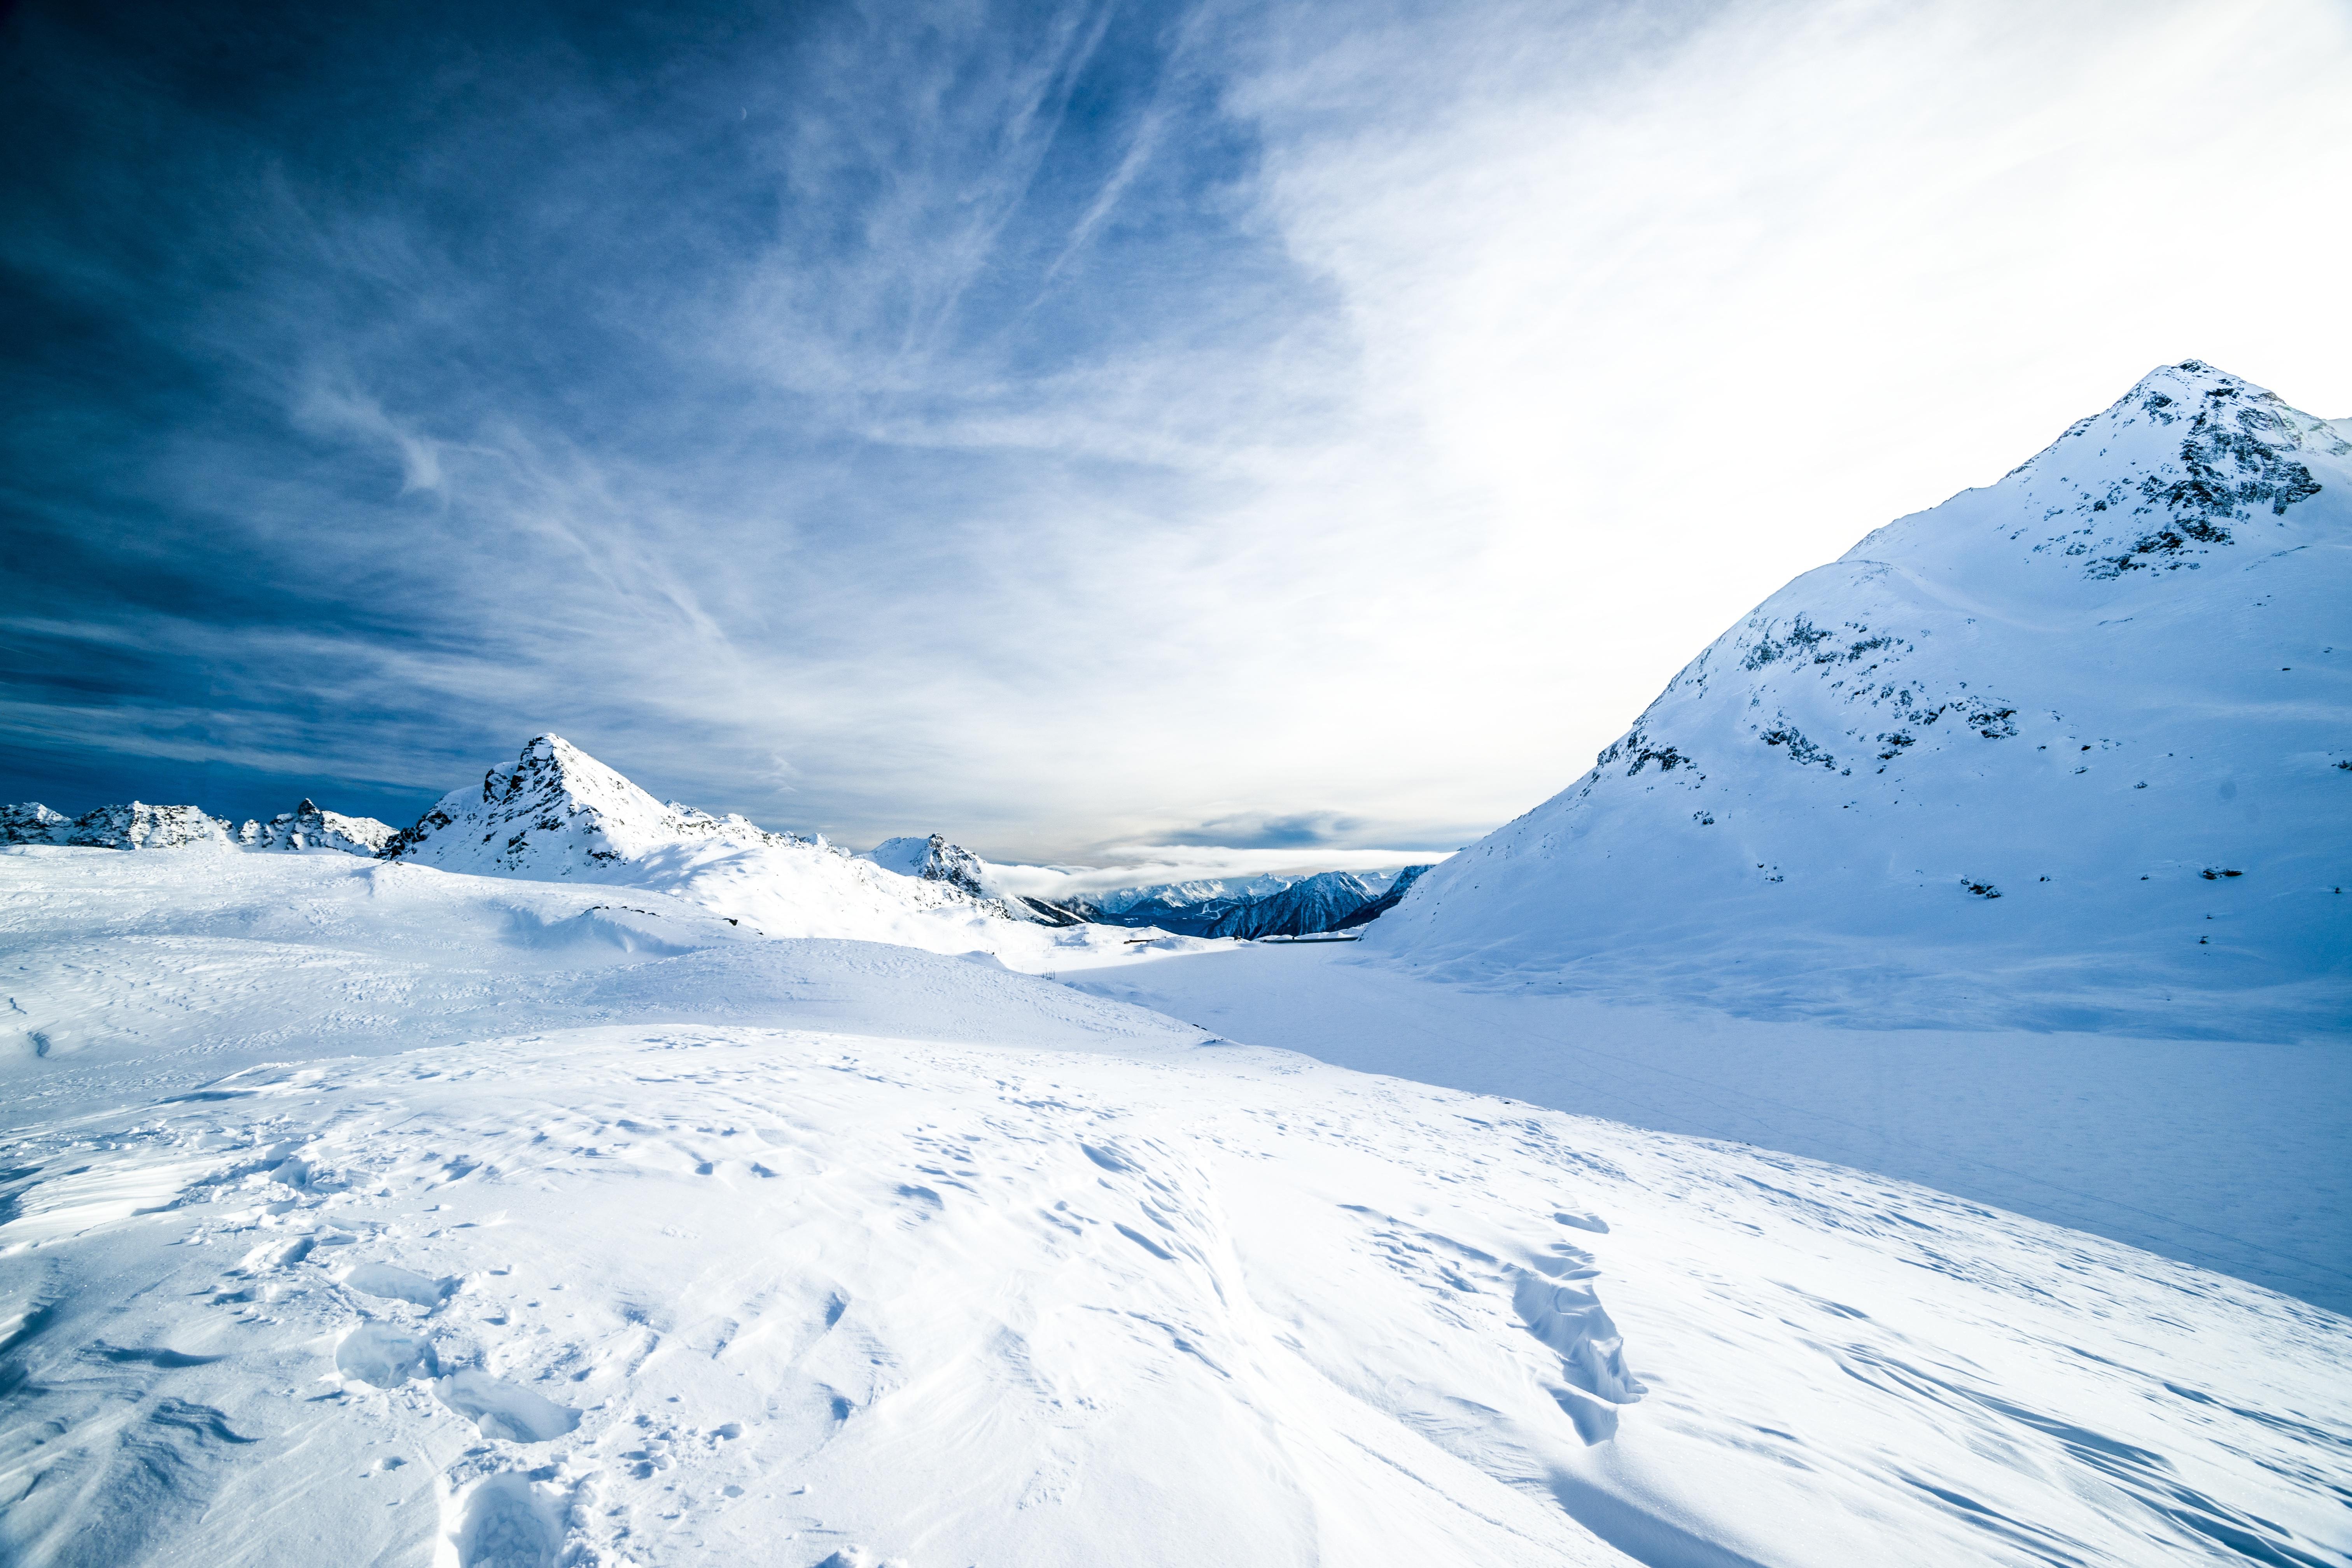 Mountain Snow Winter Cloud White Range Ice Glacier Weather Blue Arctic Season Iceberg Mountains Alps